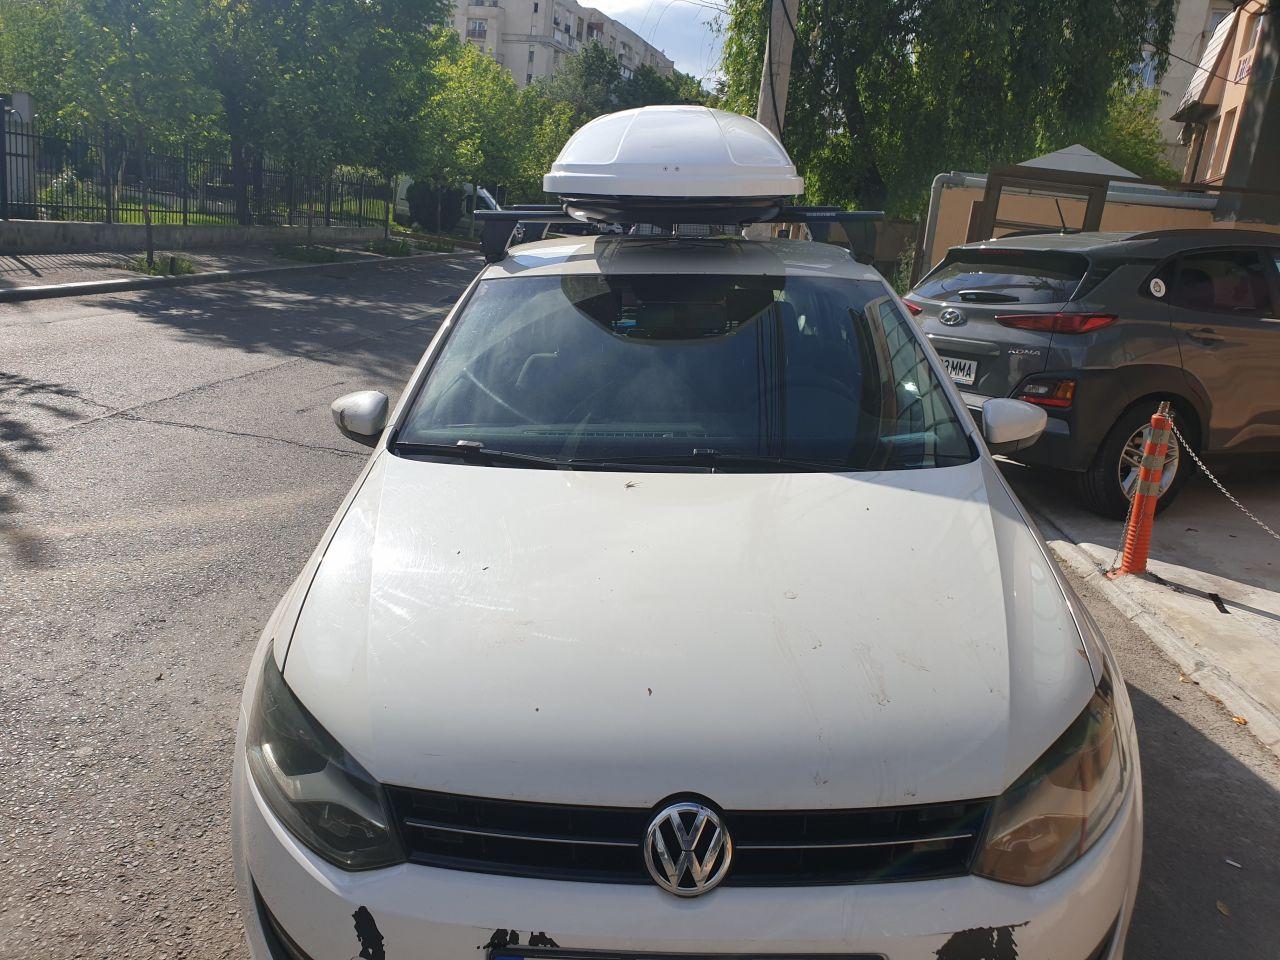 Volkswagen Polo bare transversale Menabo Delta Black si Cutie portbagaj Menabo Mania